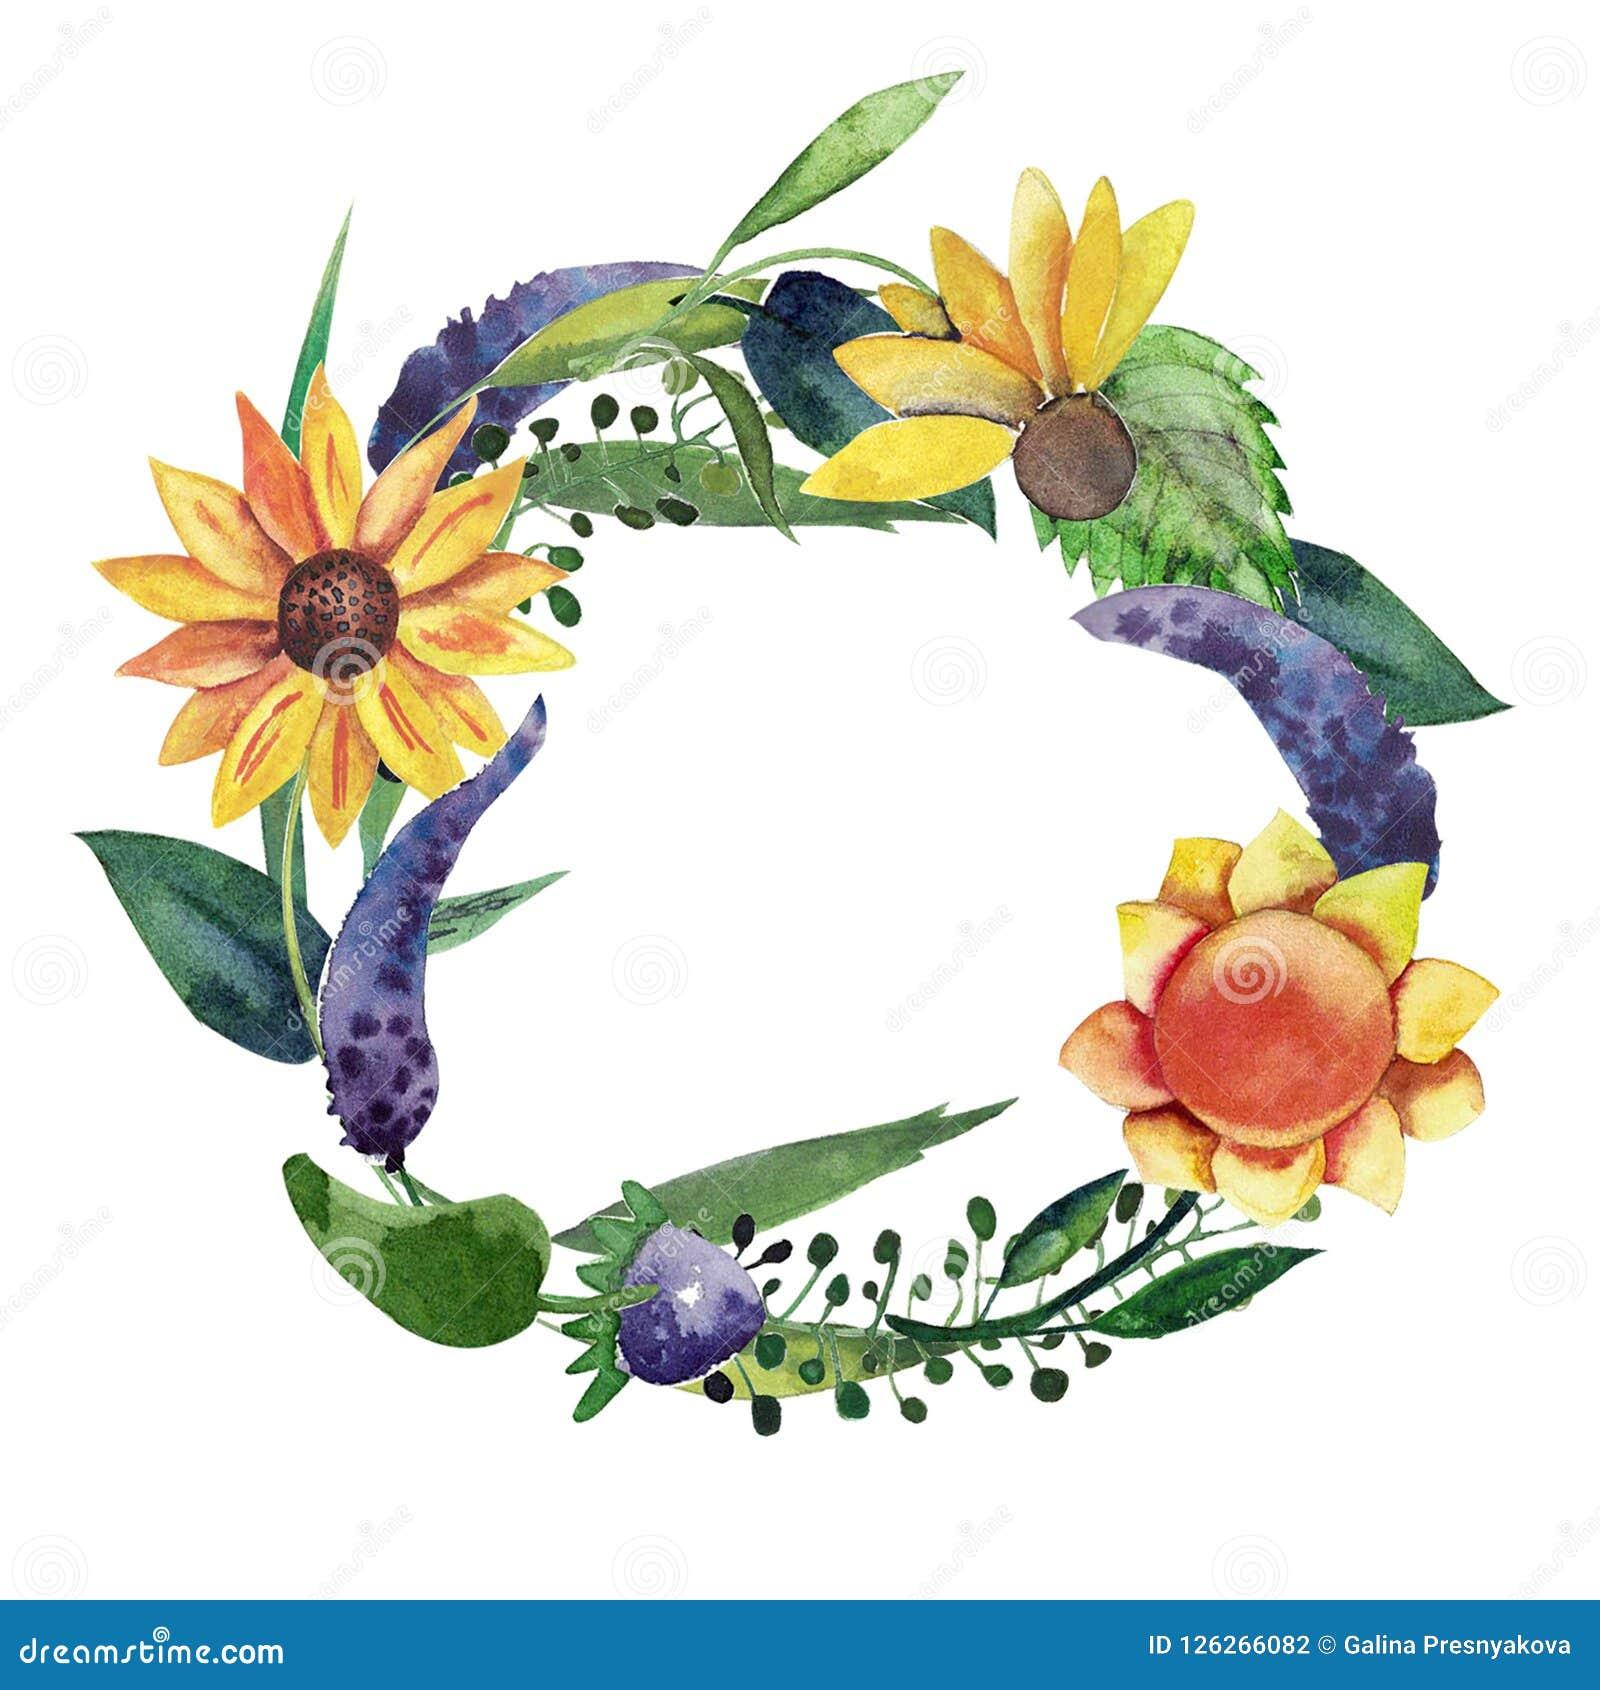 Waterverf geïsoleerde kroon met zonnebloemen, violette bloemen, bladeren en kruiden